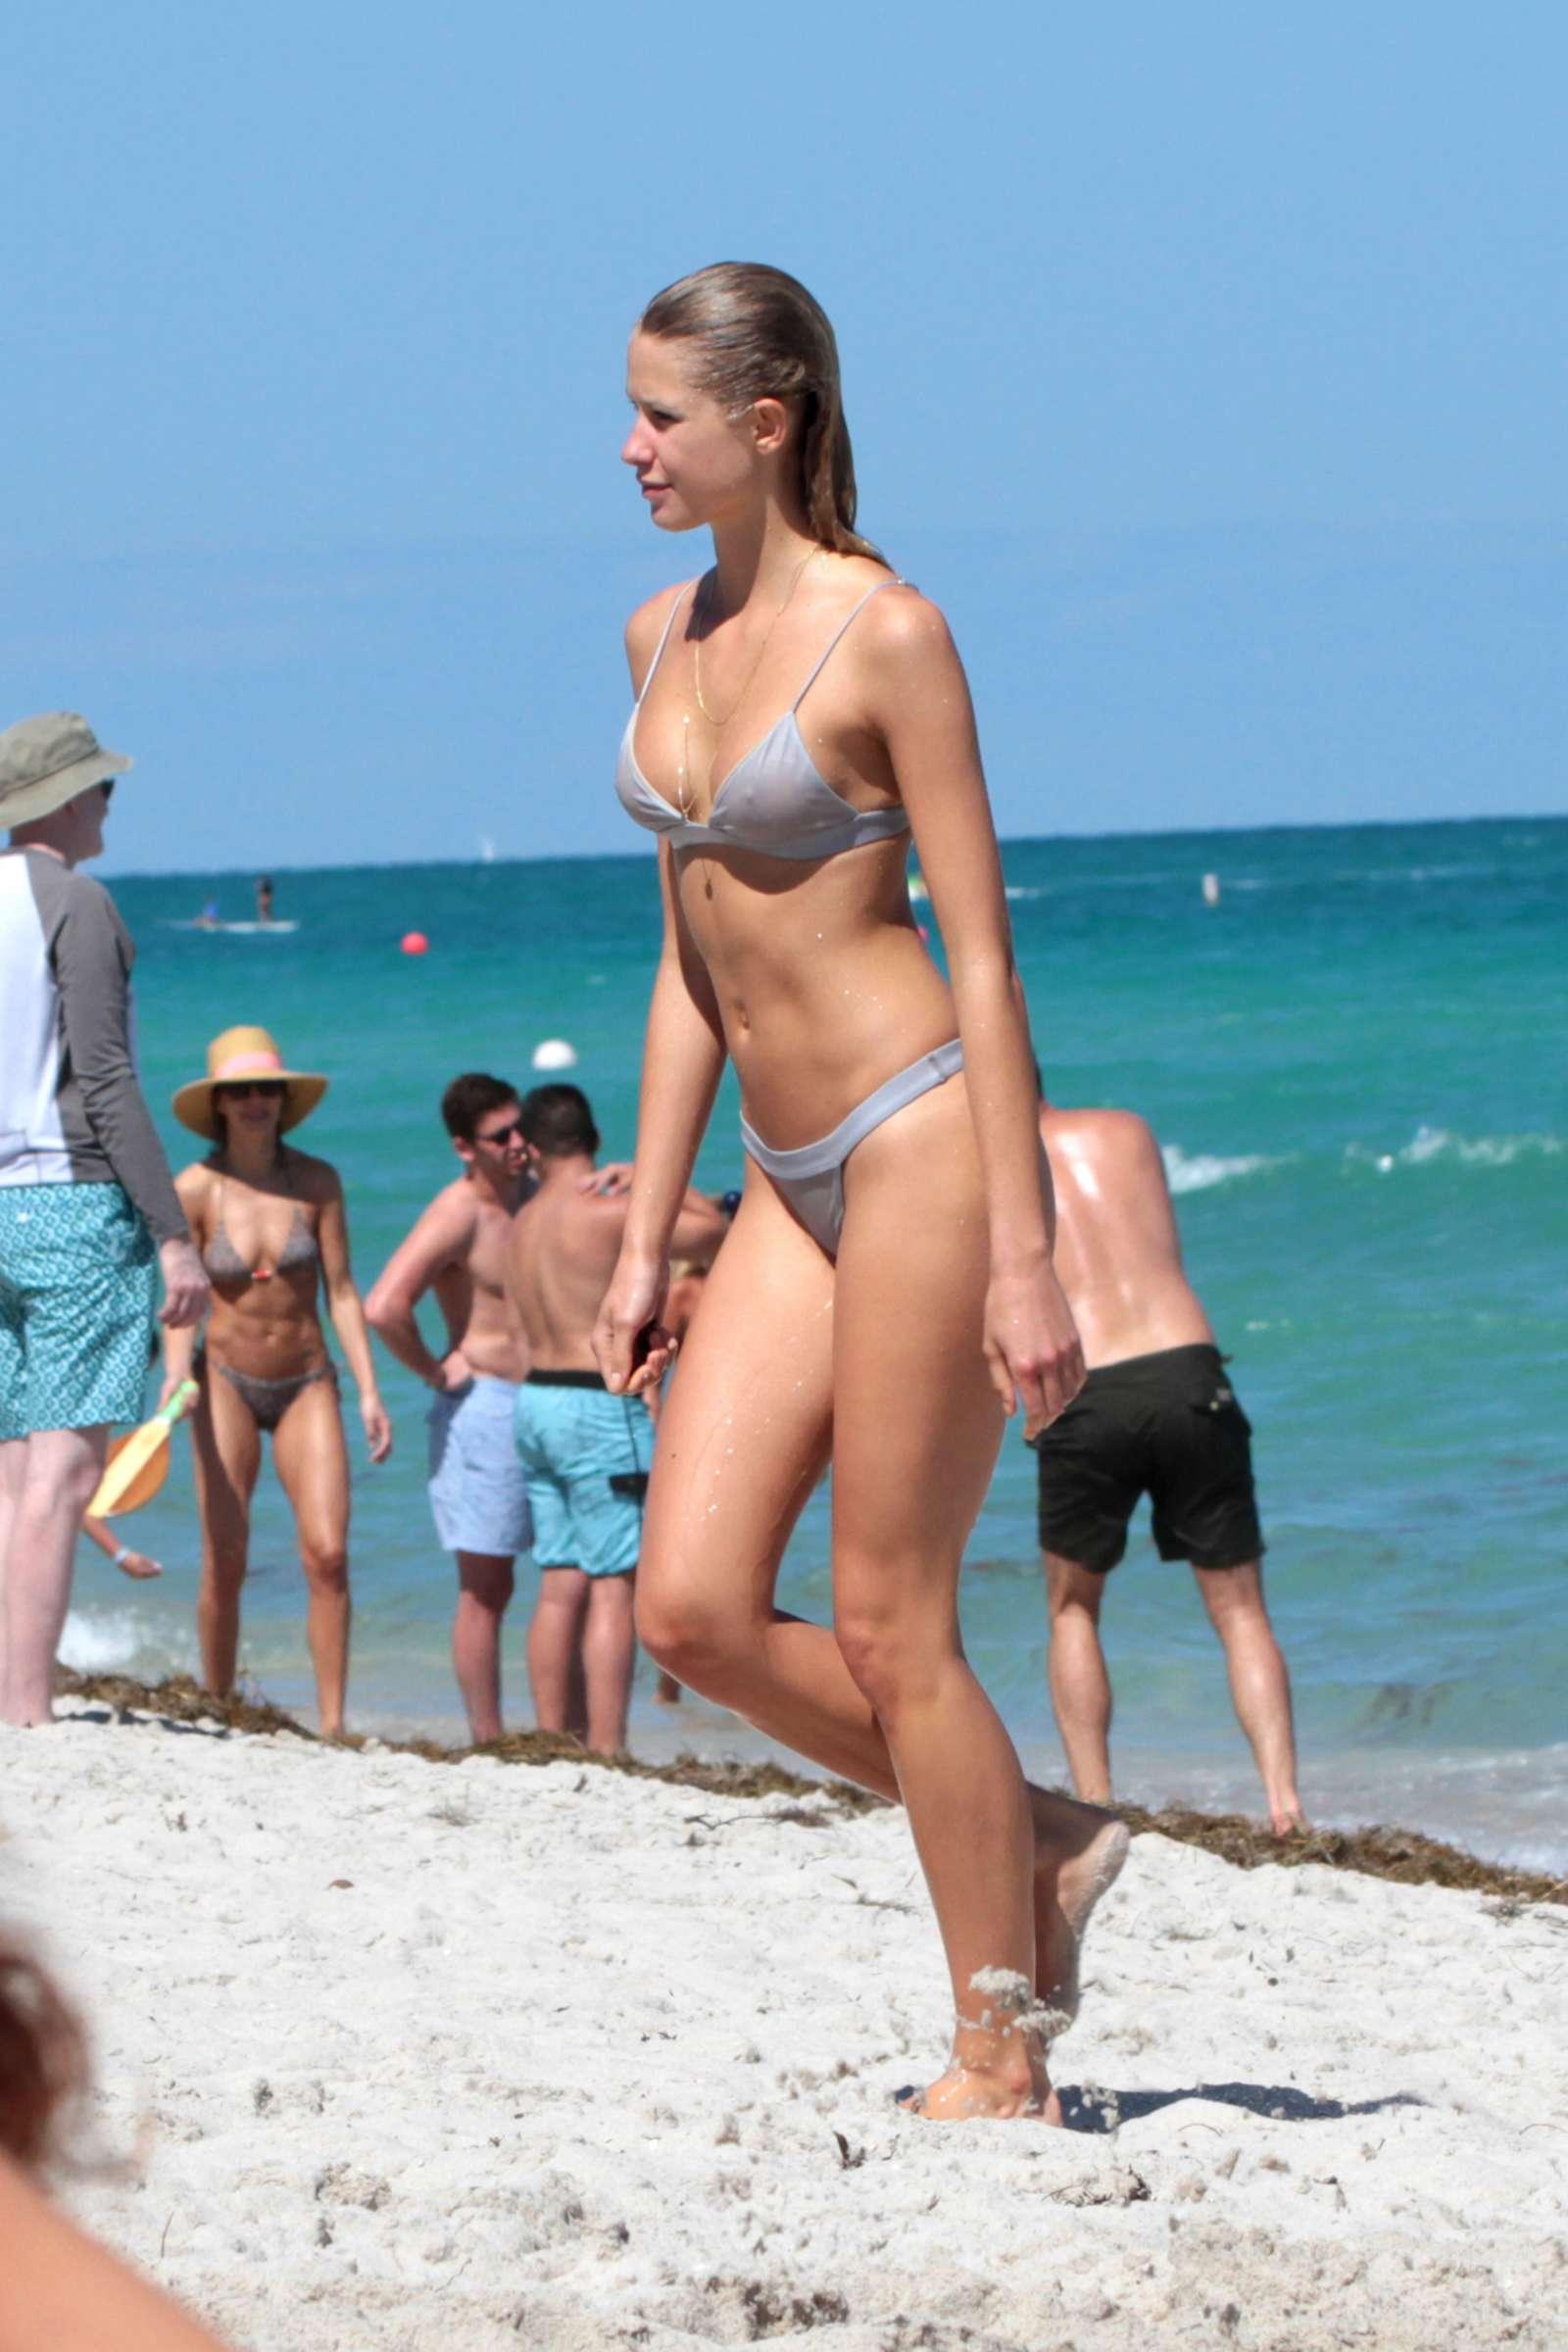 Fuul size girl nudis nude films